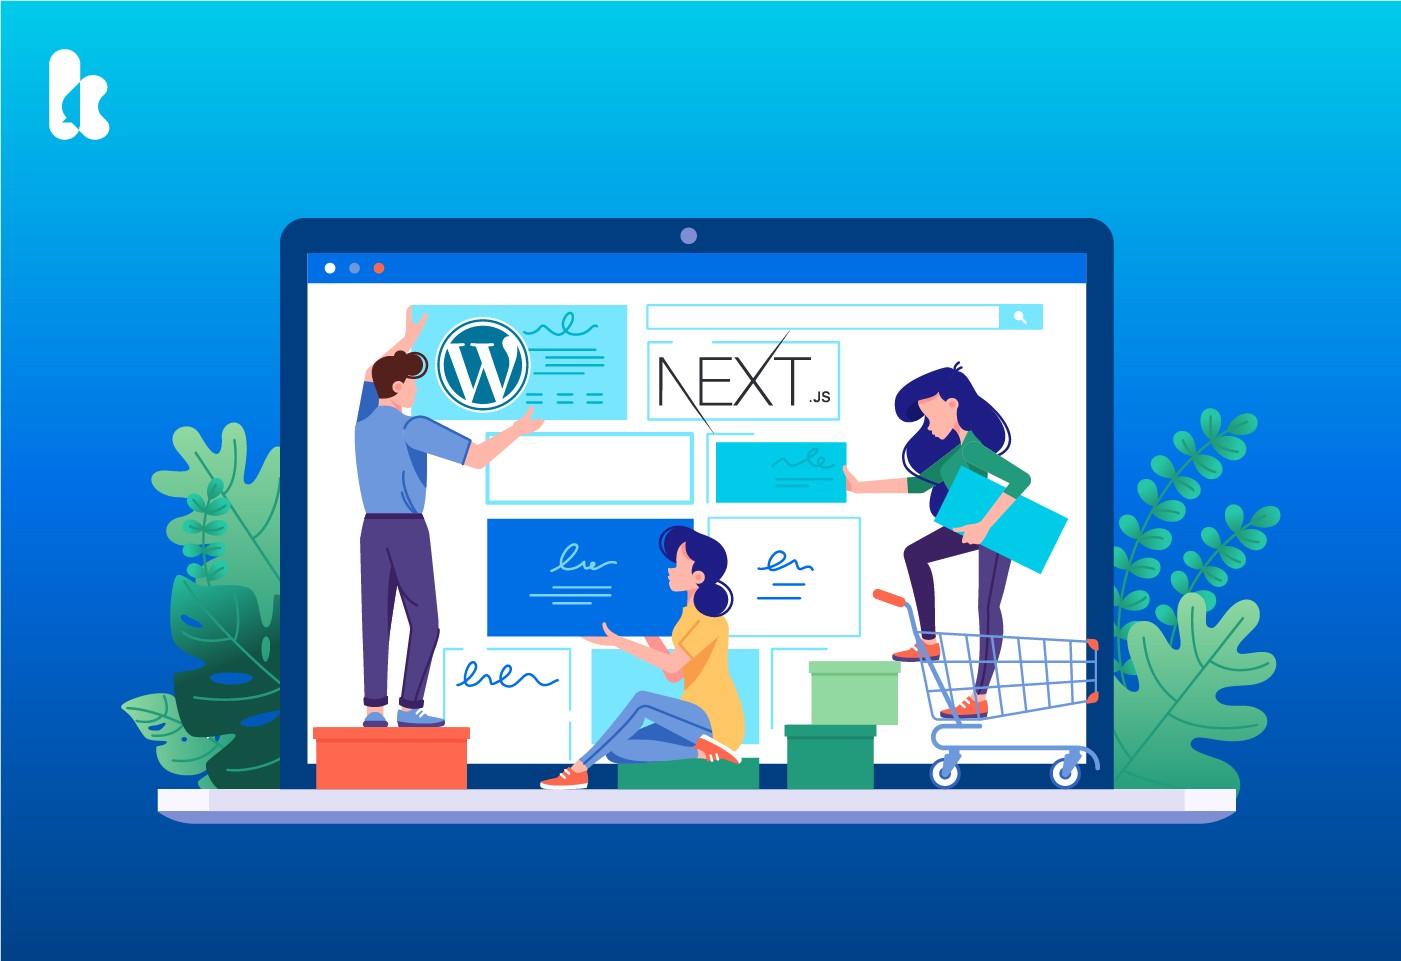 آموزش طراحی سایت با وردپرس بدون کد نویسی